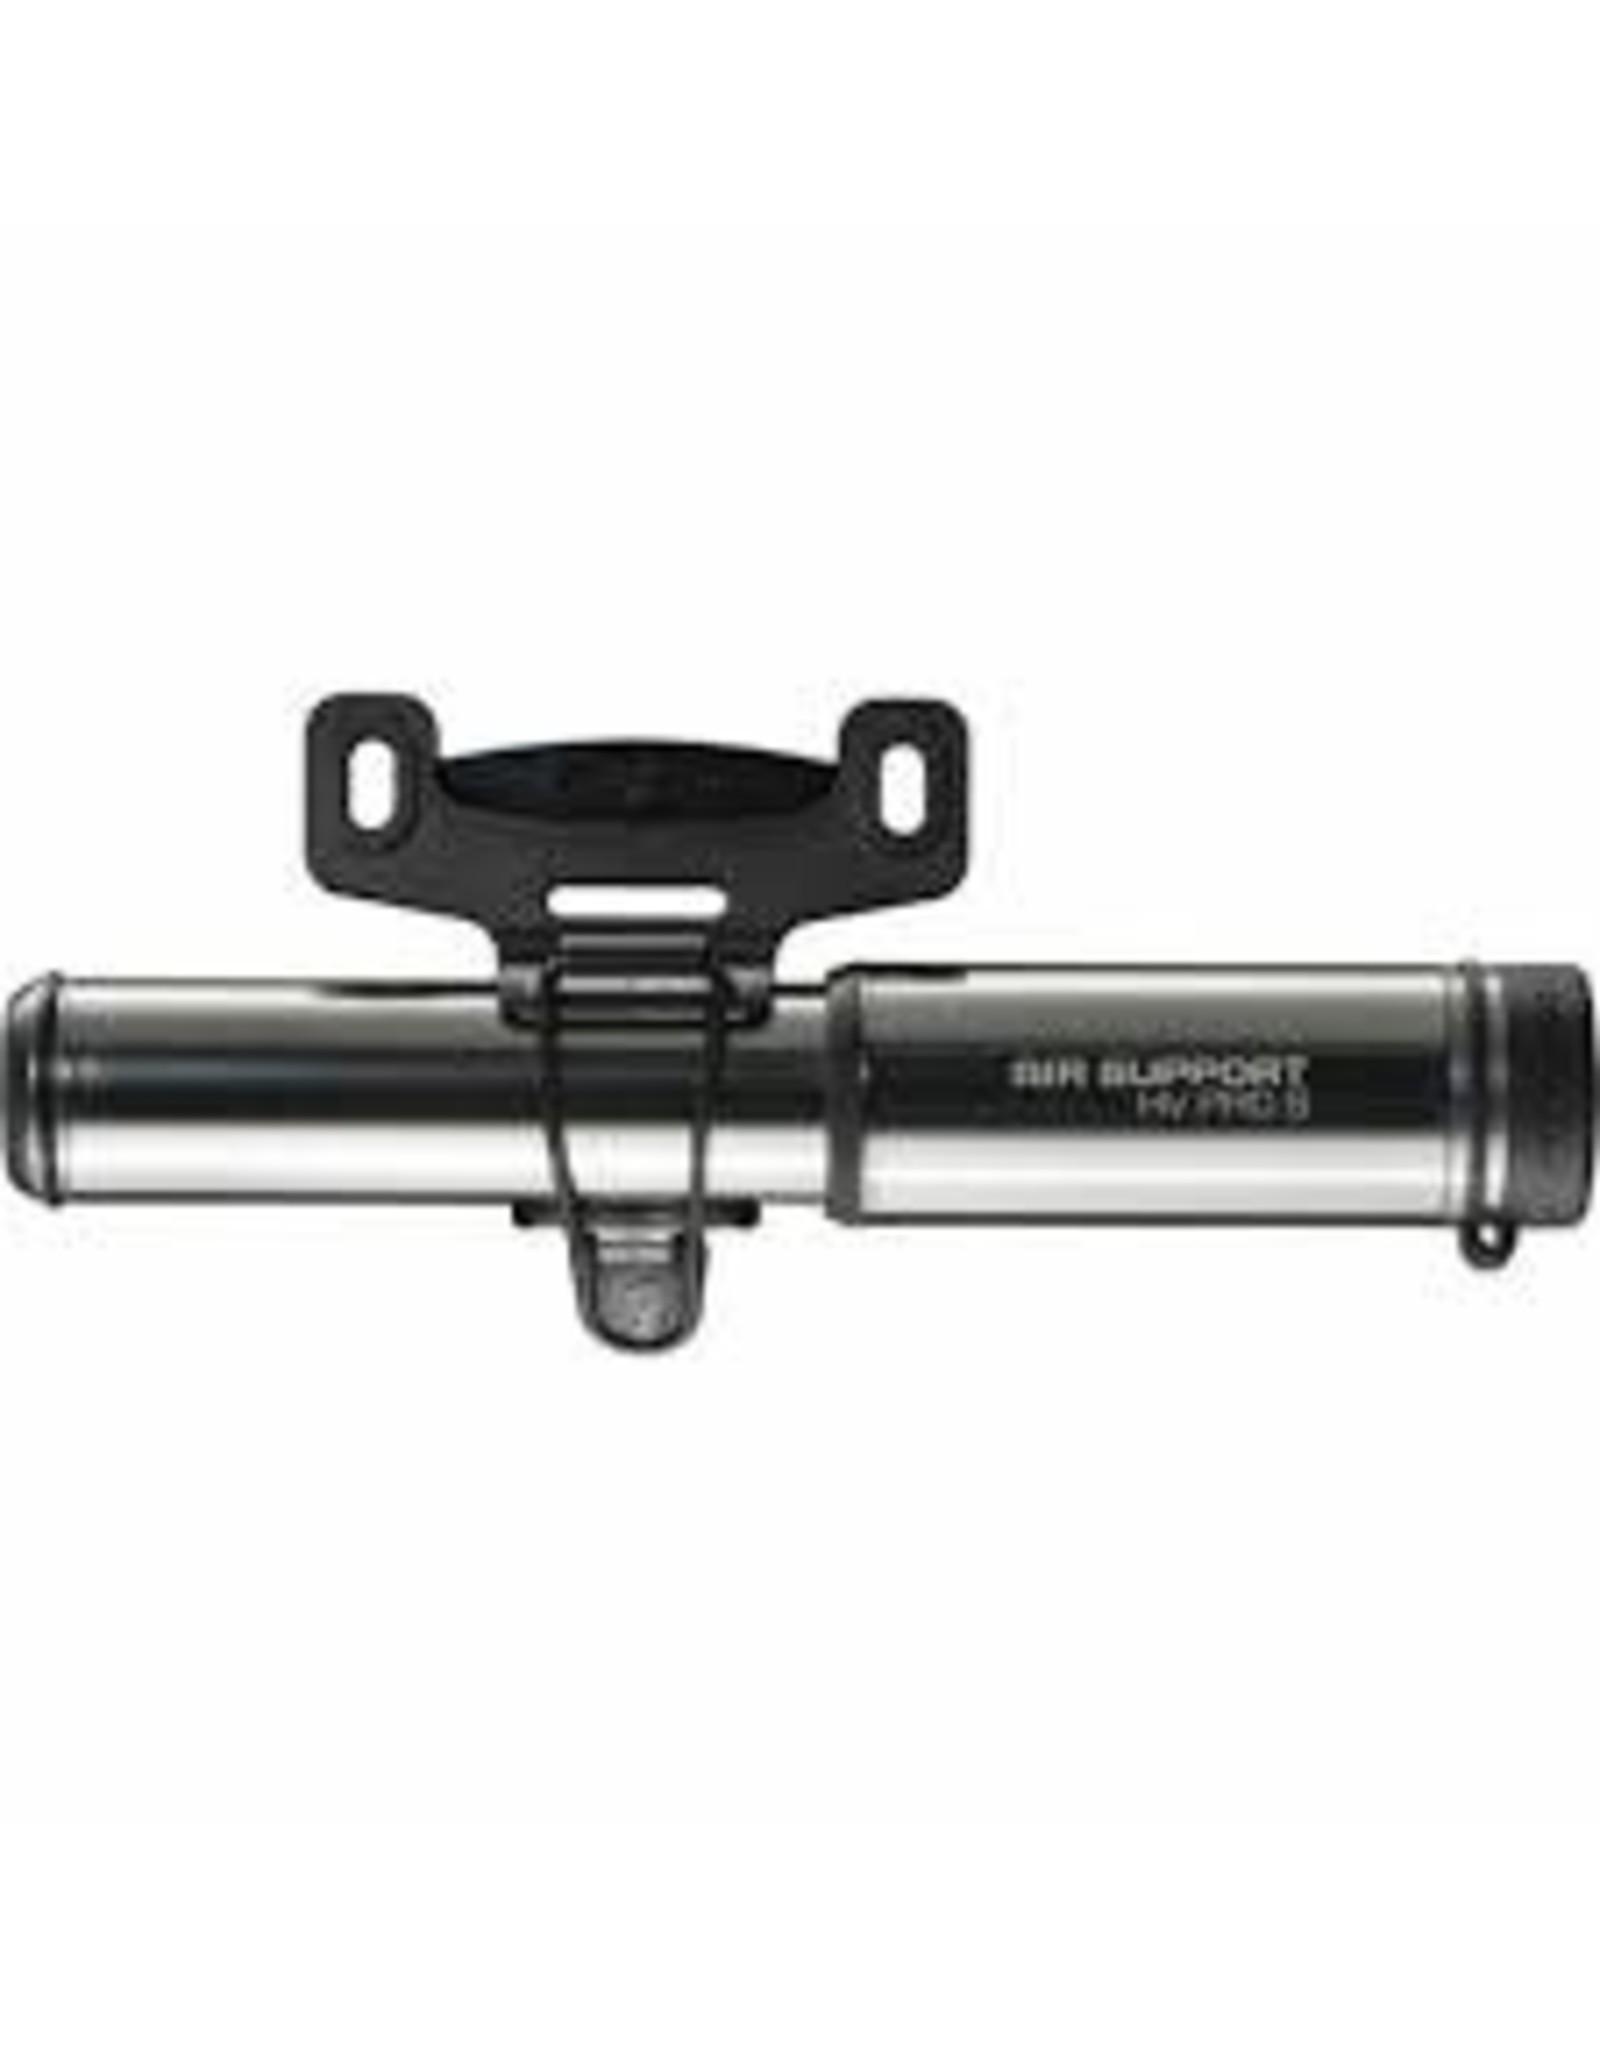 Bontrager Pump Bontrager Air Support HV Pro S